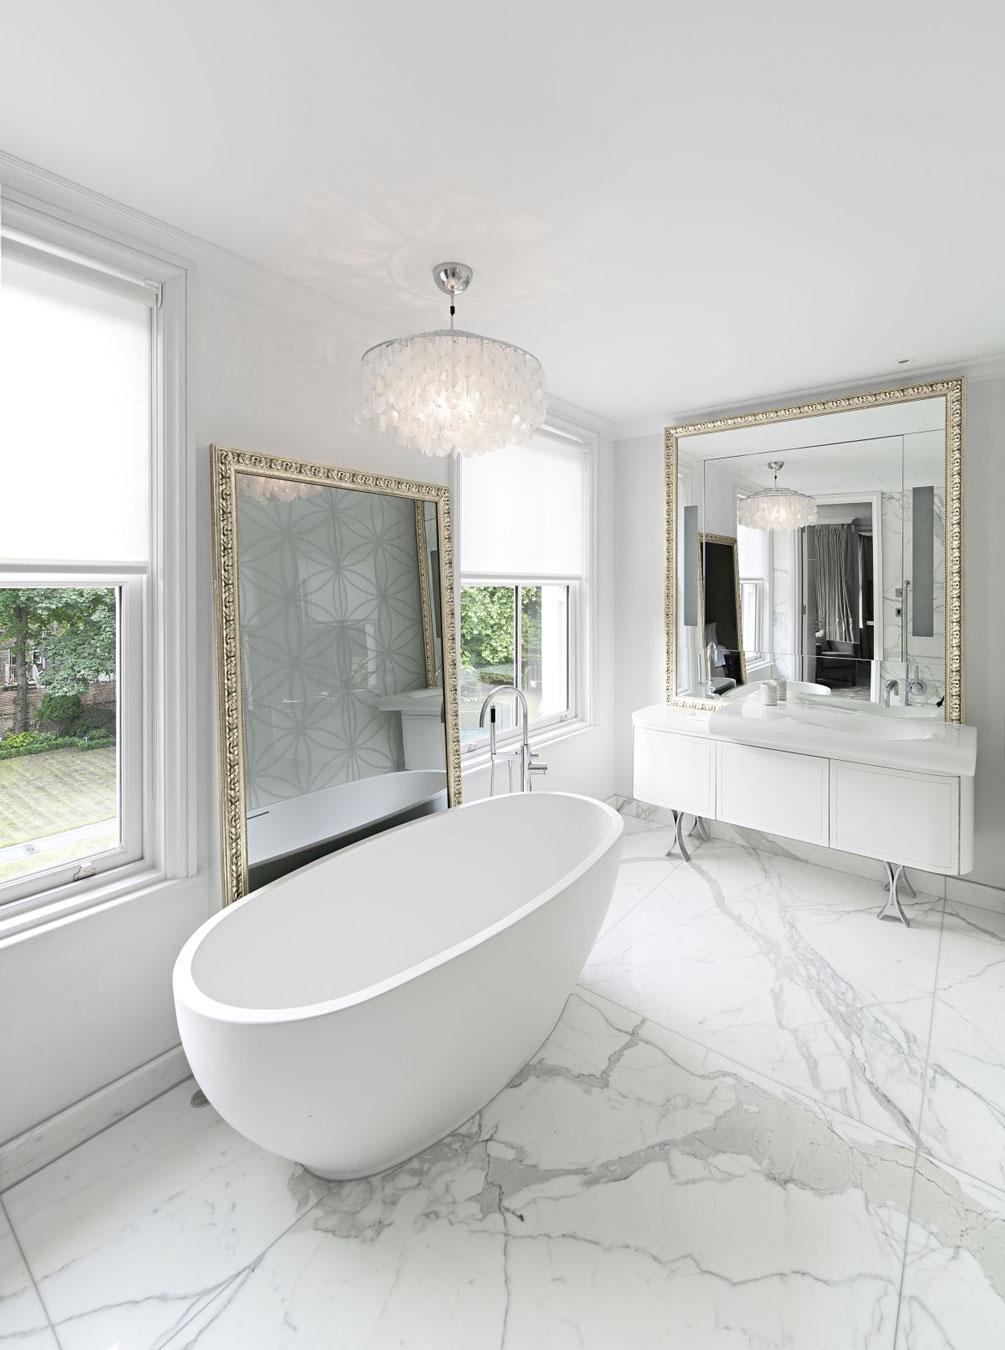 30 Marble Bathroom Design Ideas 18 Richmond Group